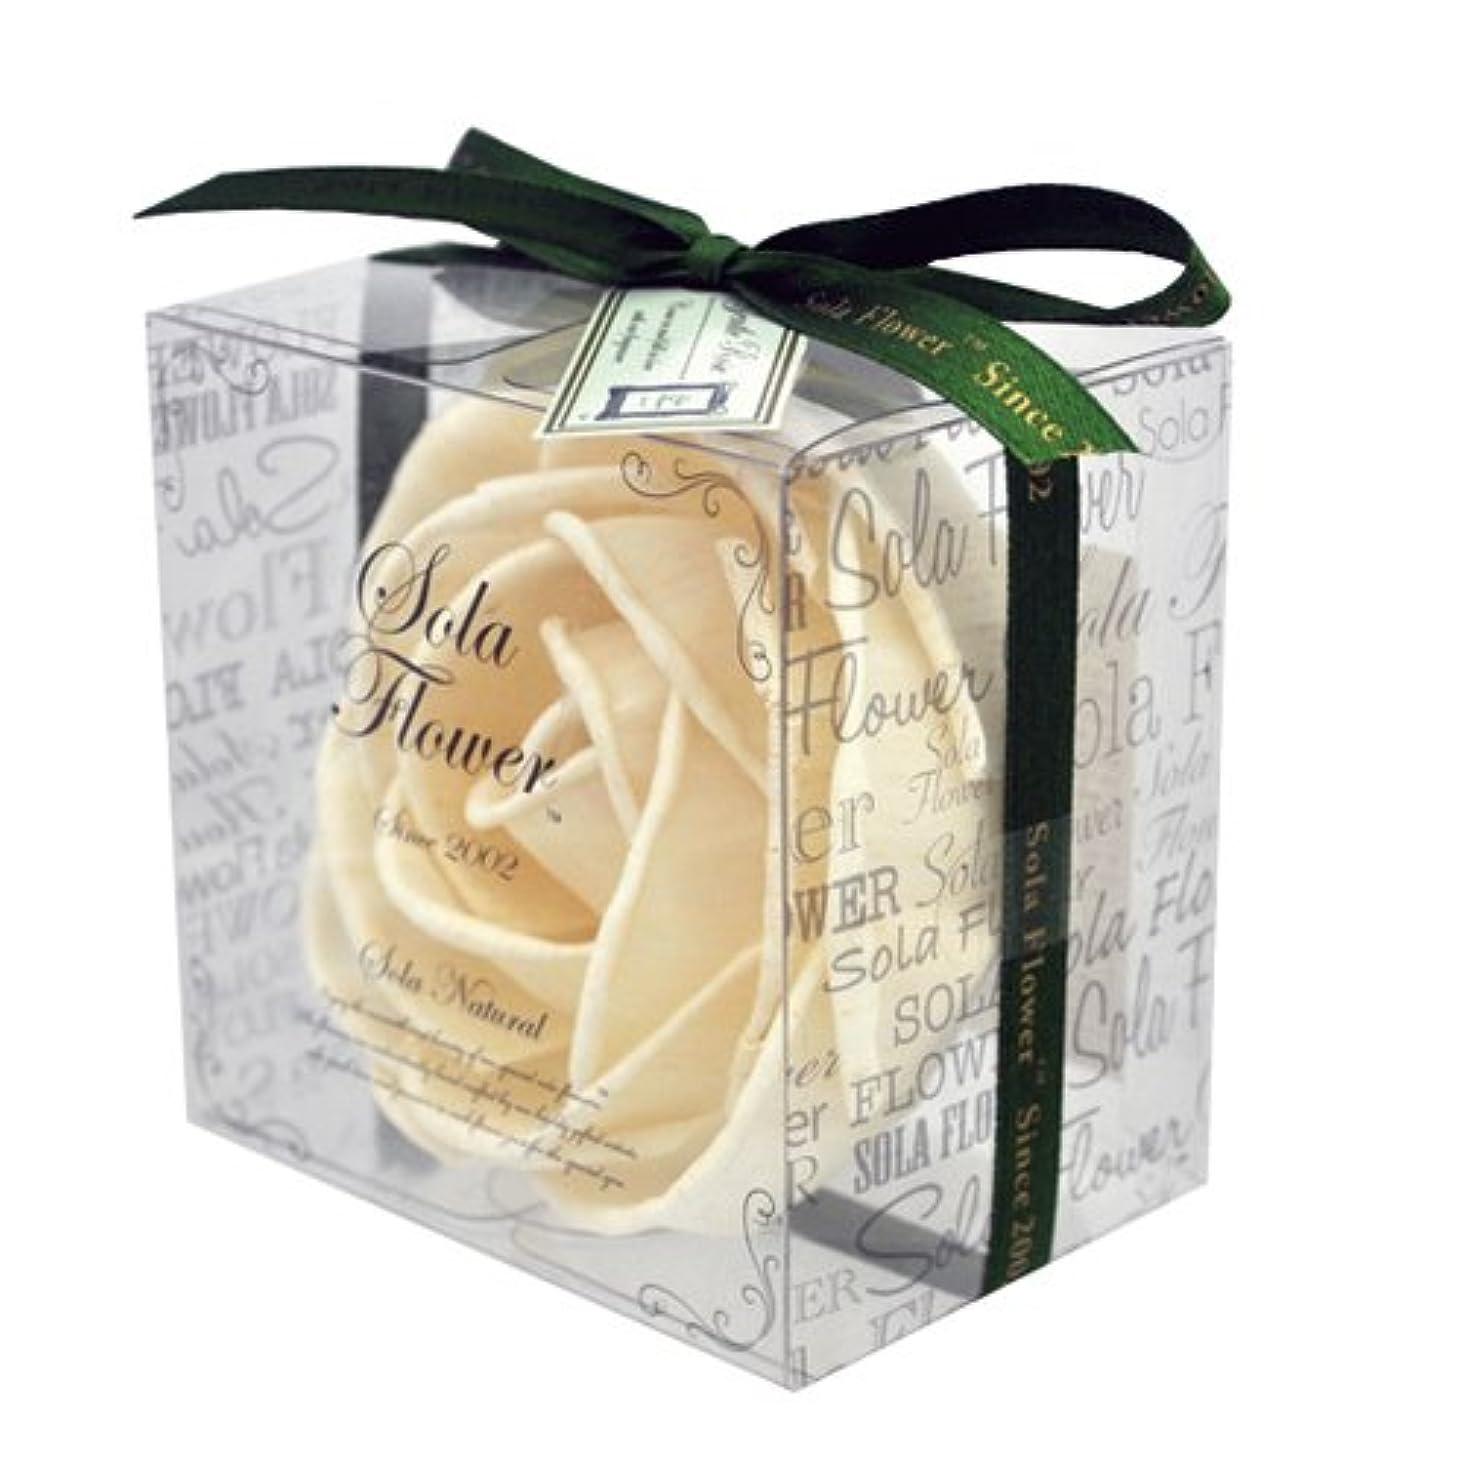 強い心から最も早いnew Sola Flower ソラフラワー ナチュラル Gentle Rose ジェントルローズ Natural